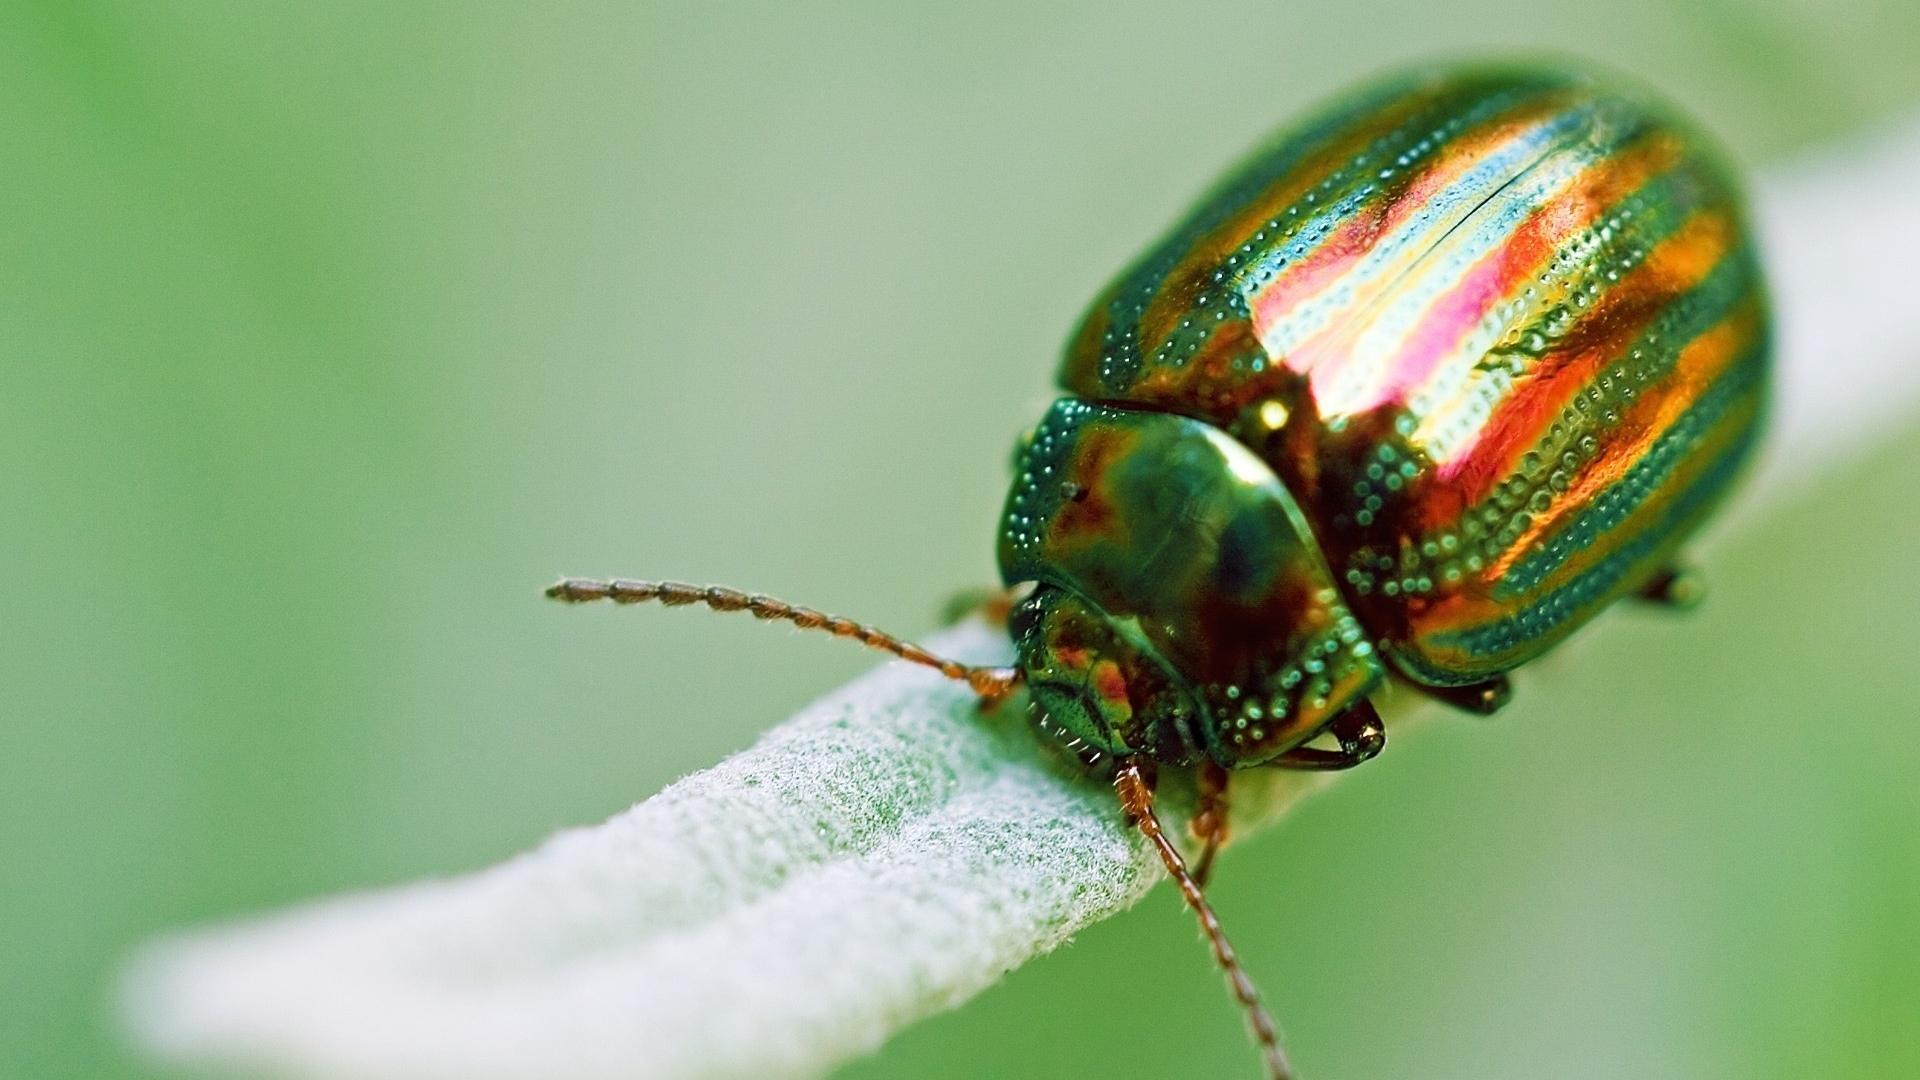 сегодня угостить картинки с красивыми жуками даже ему